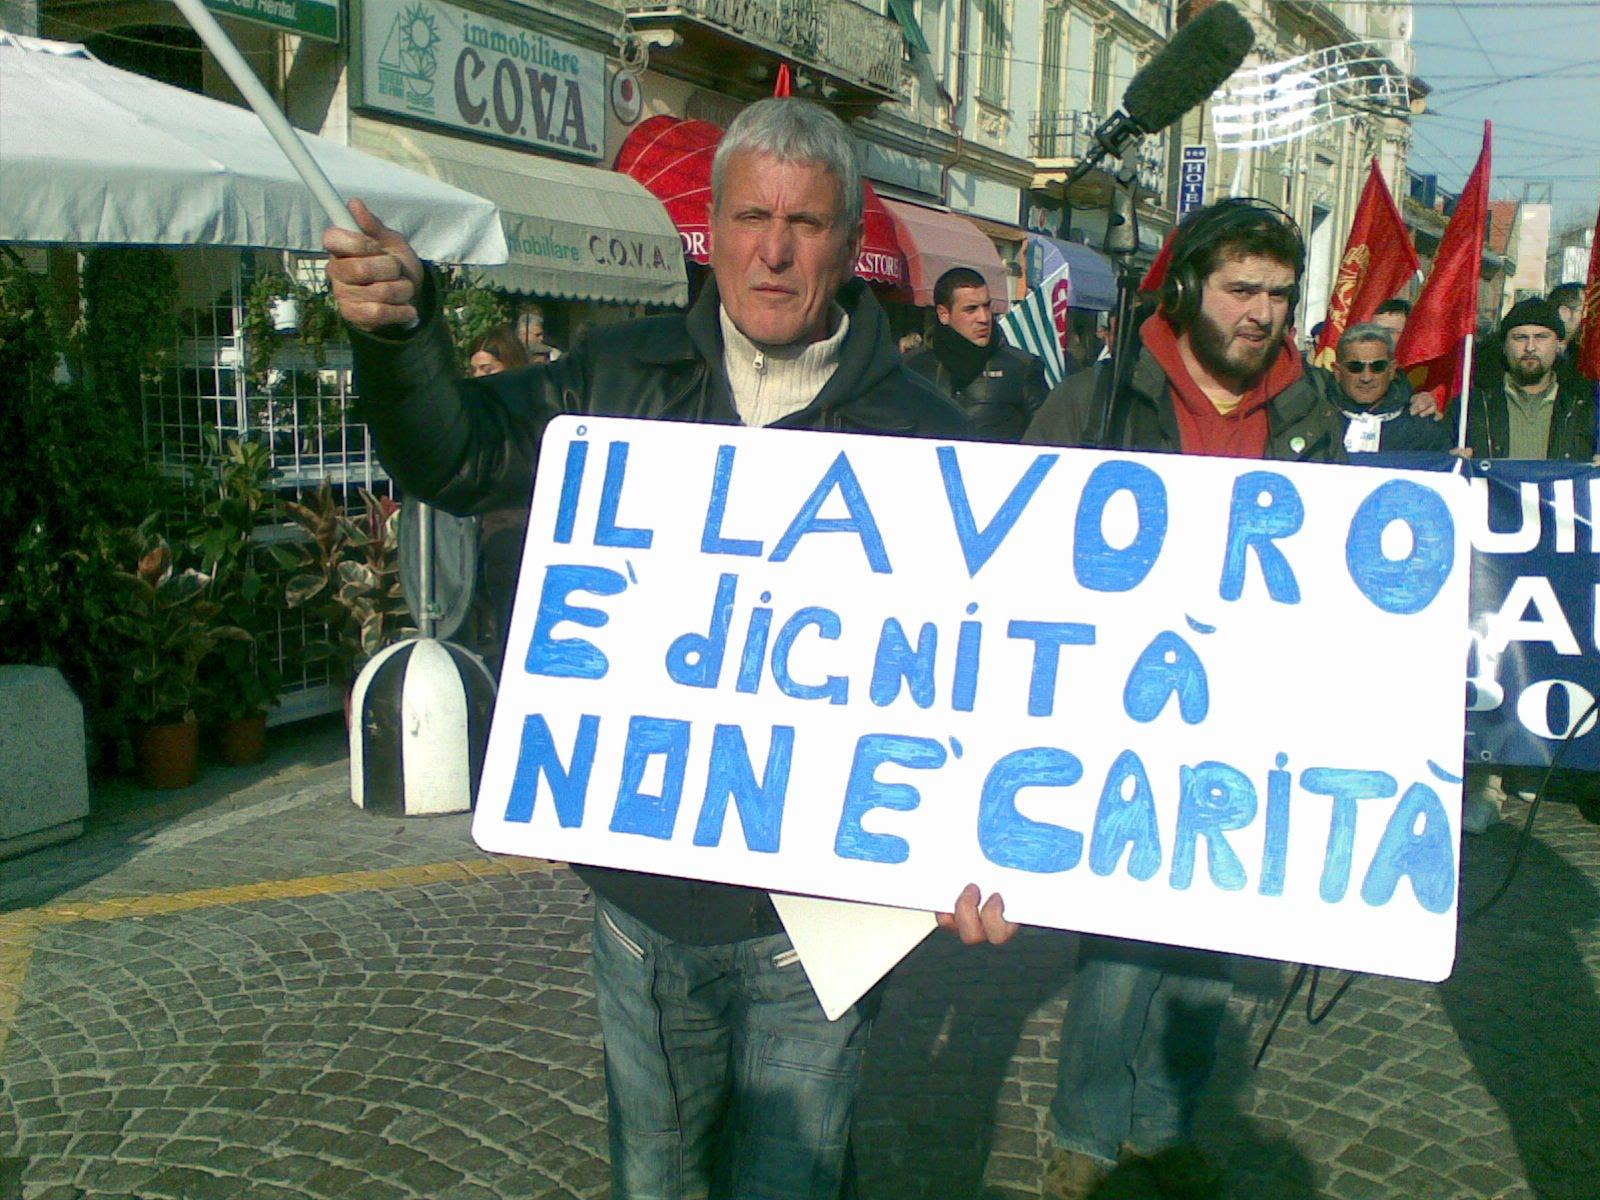 Emergenza povertà, il piano Monti: 2,3 miliardi per il Sud, asili nido e 18 mila posti di lavoro